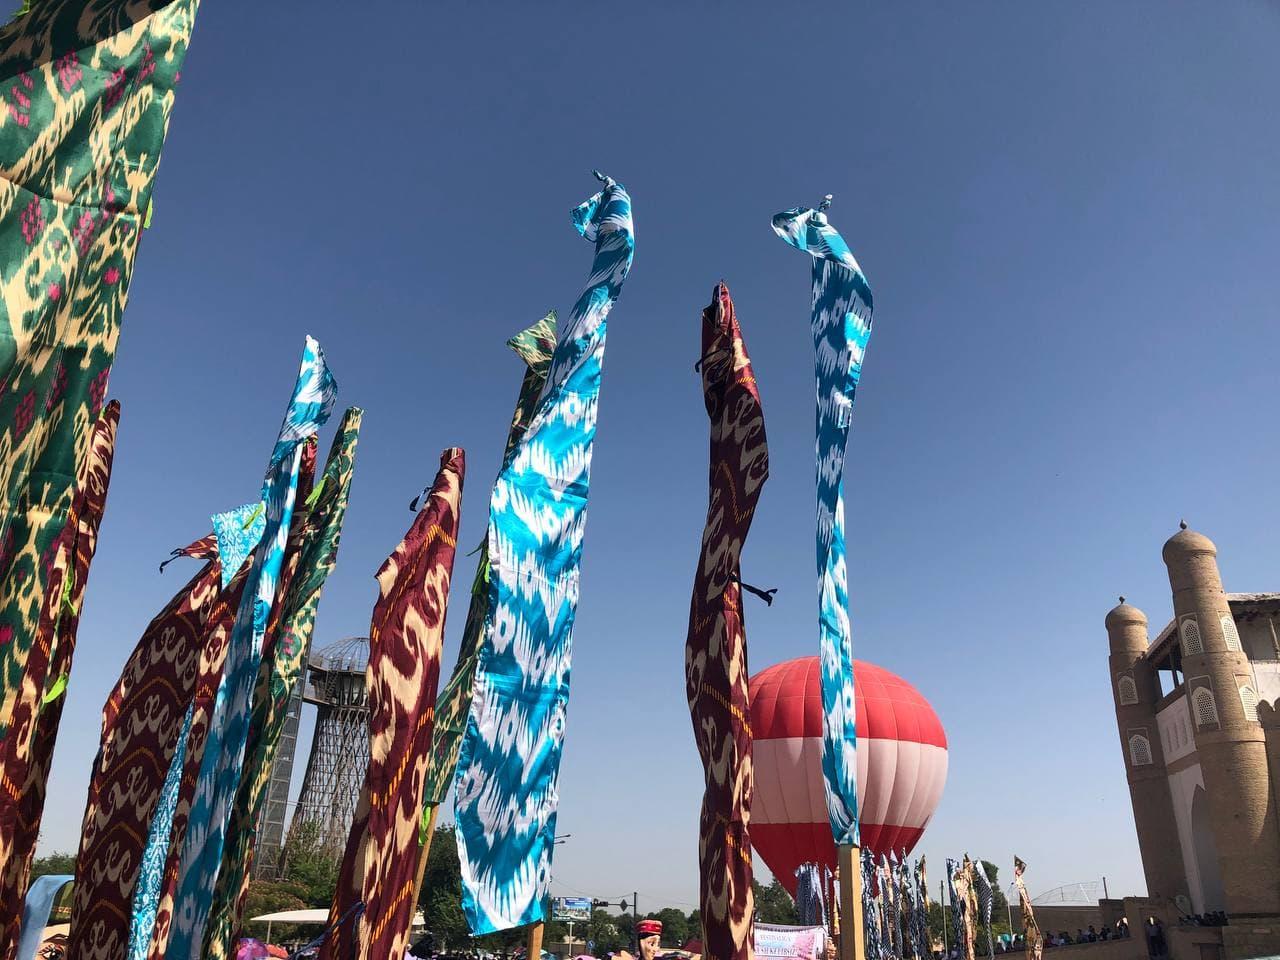 Сказка Великого шелкового пути: В Бухаре состоялся первый день ежегодного фестиваля «Шелк и специи» — фоторепортаж